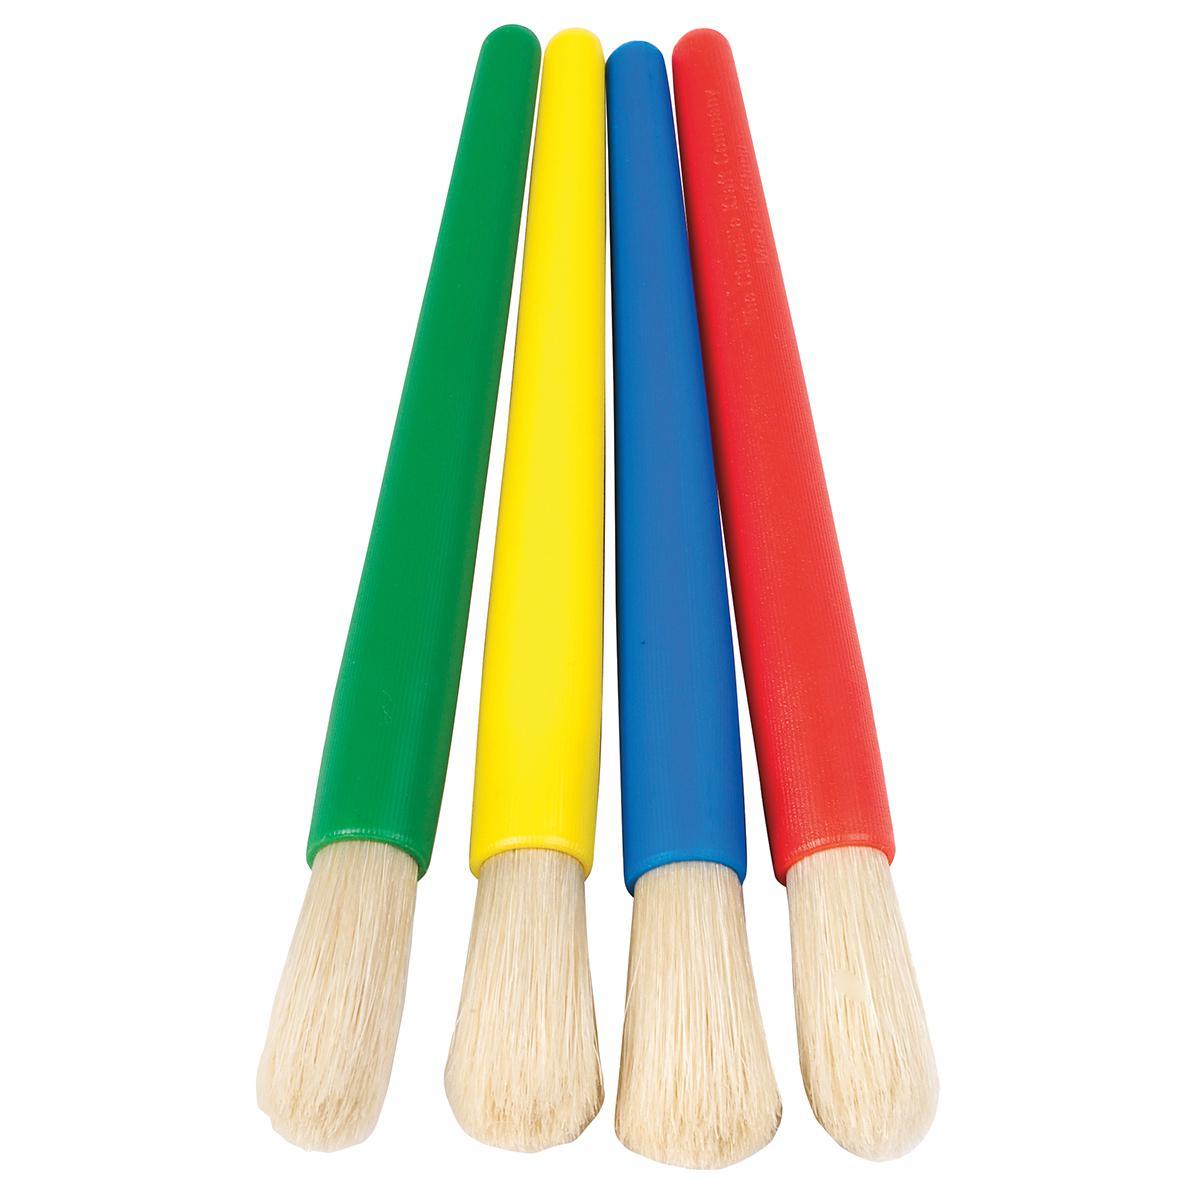 Chunky Brushes